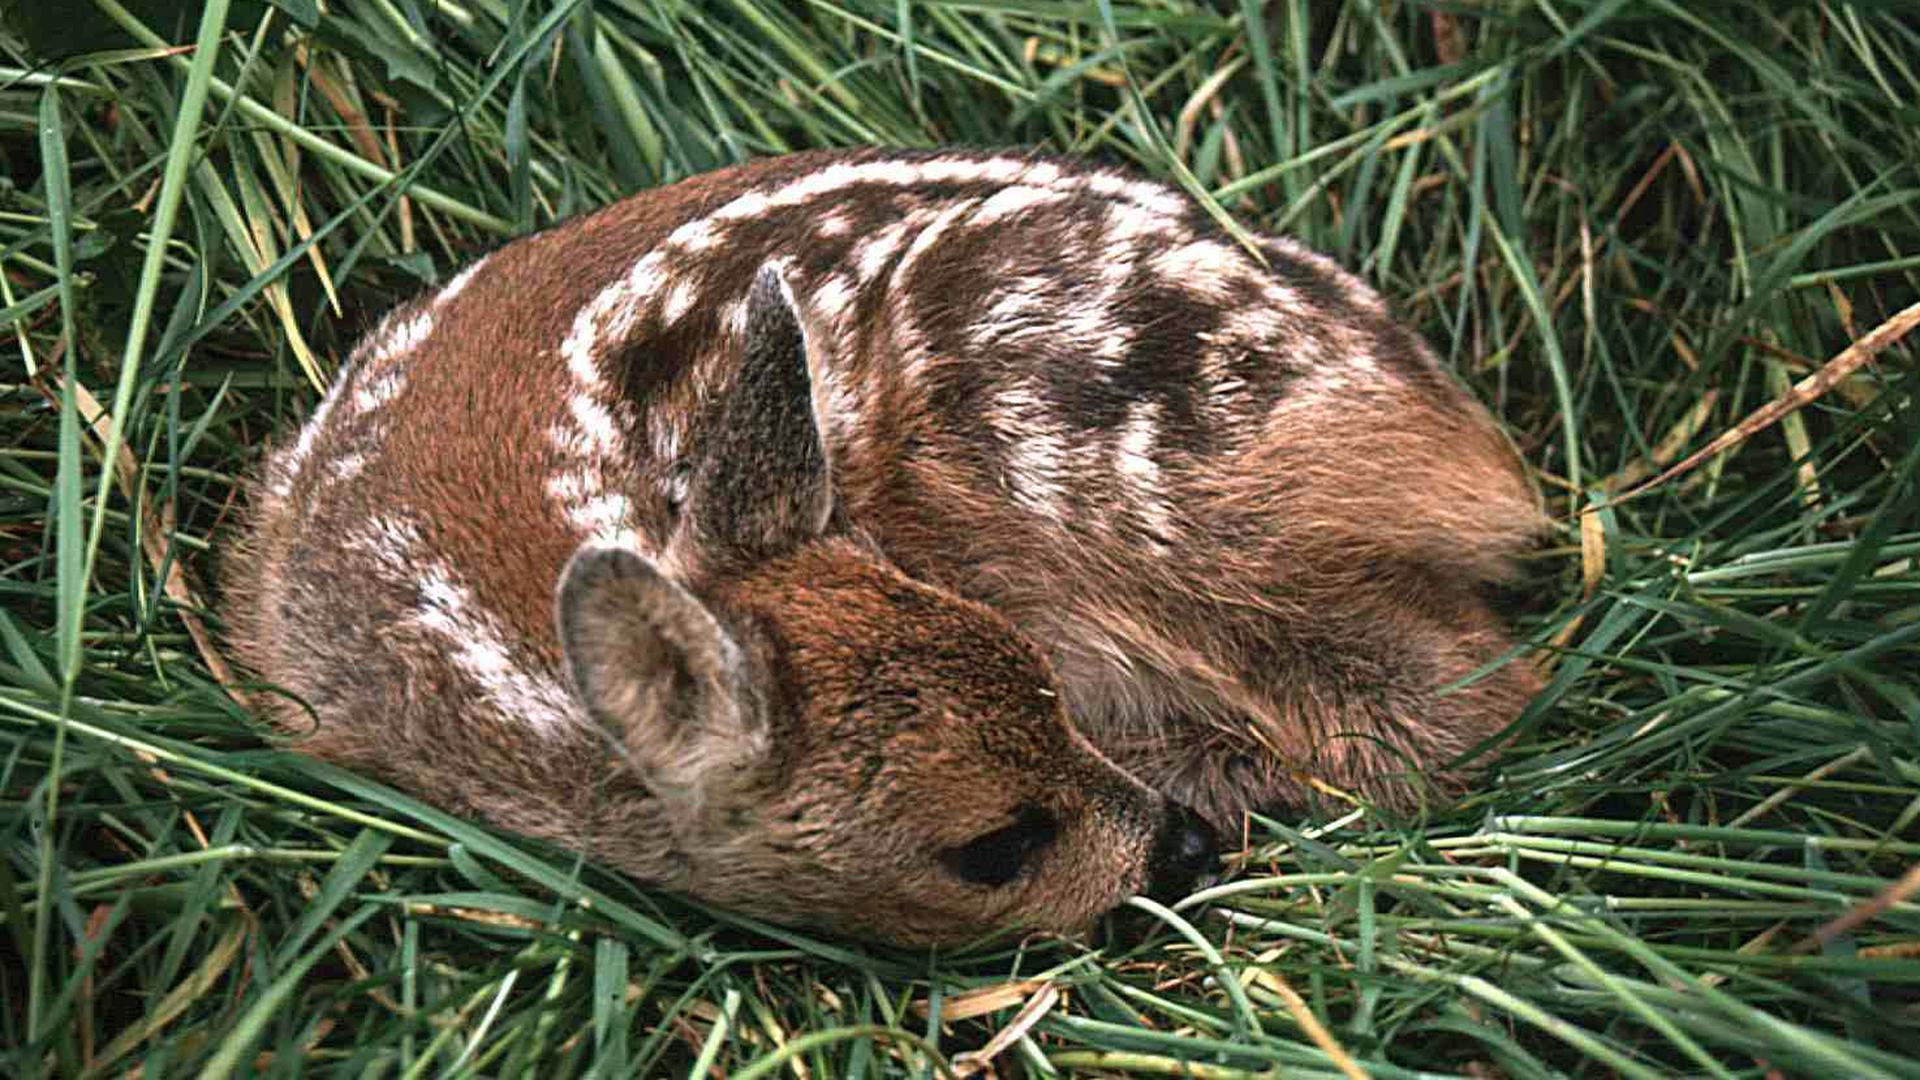 Schutzlos dem Mähwerk ausgeliefert liegt das Rehkitz im Gras. 90.000 Tiere sterben so jedes Jahr.